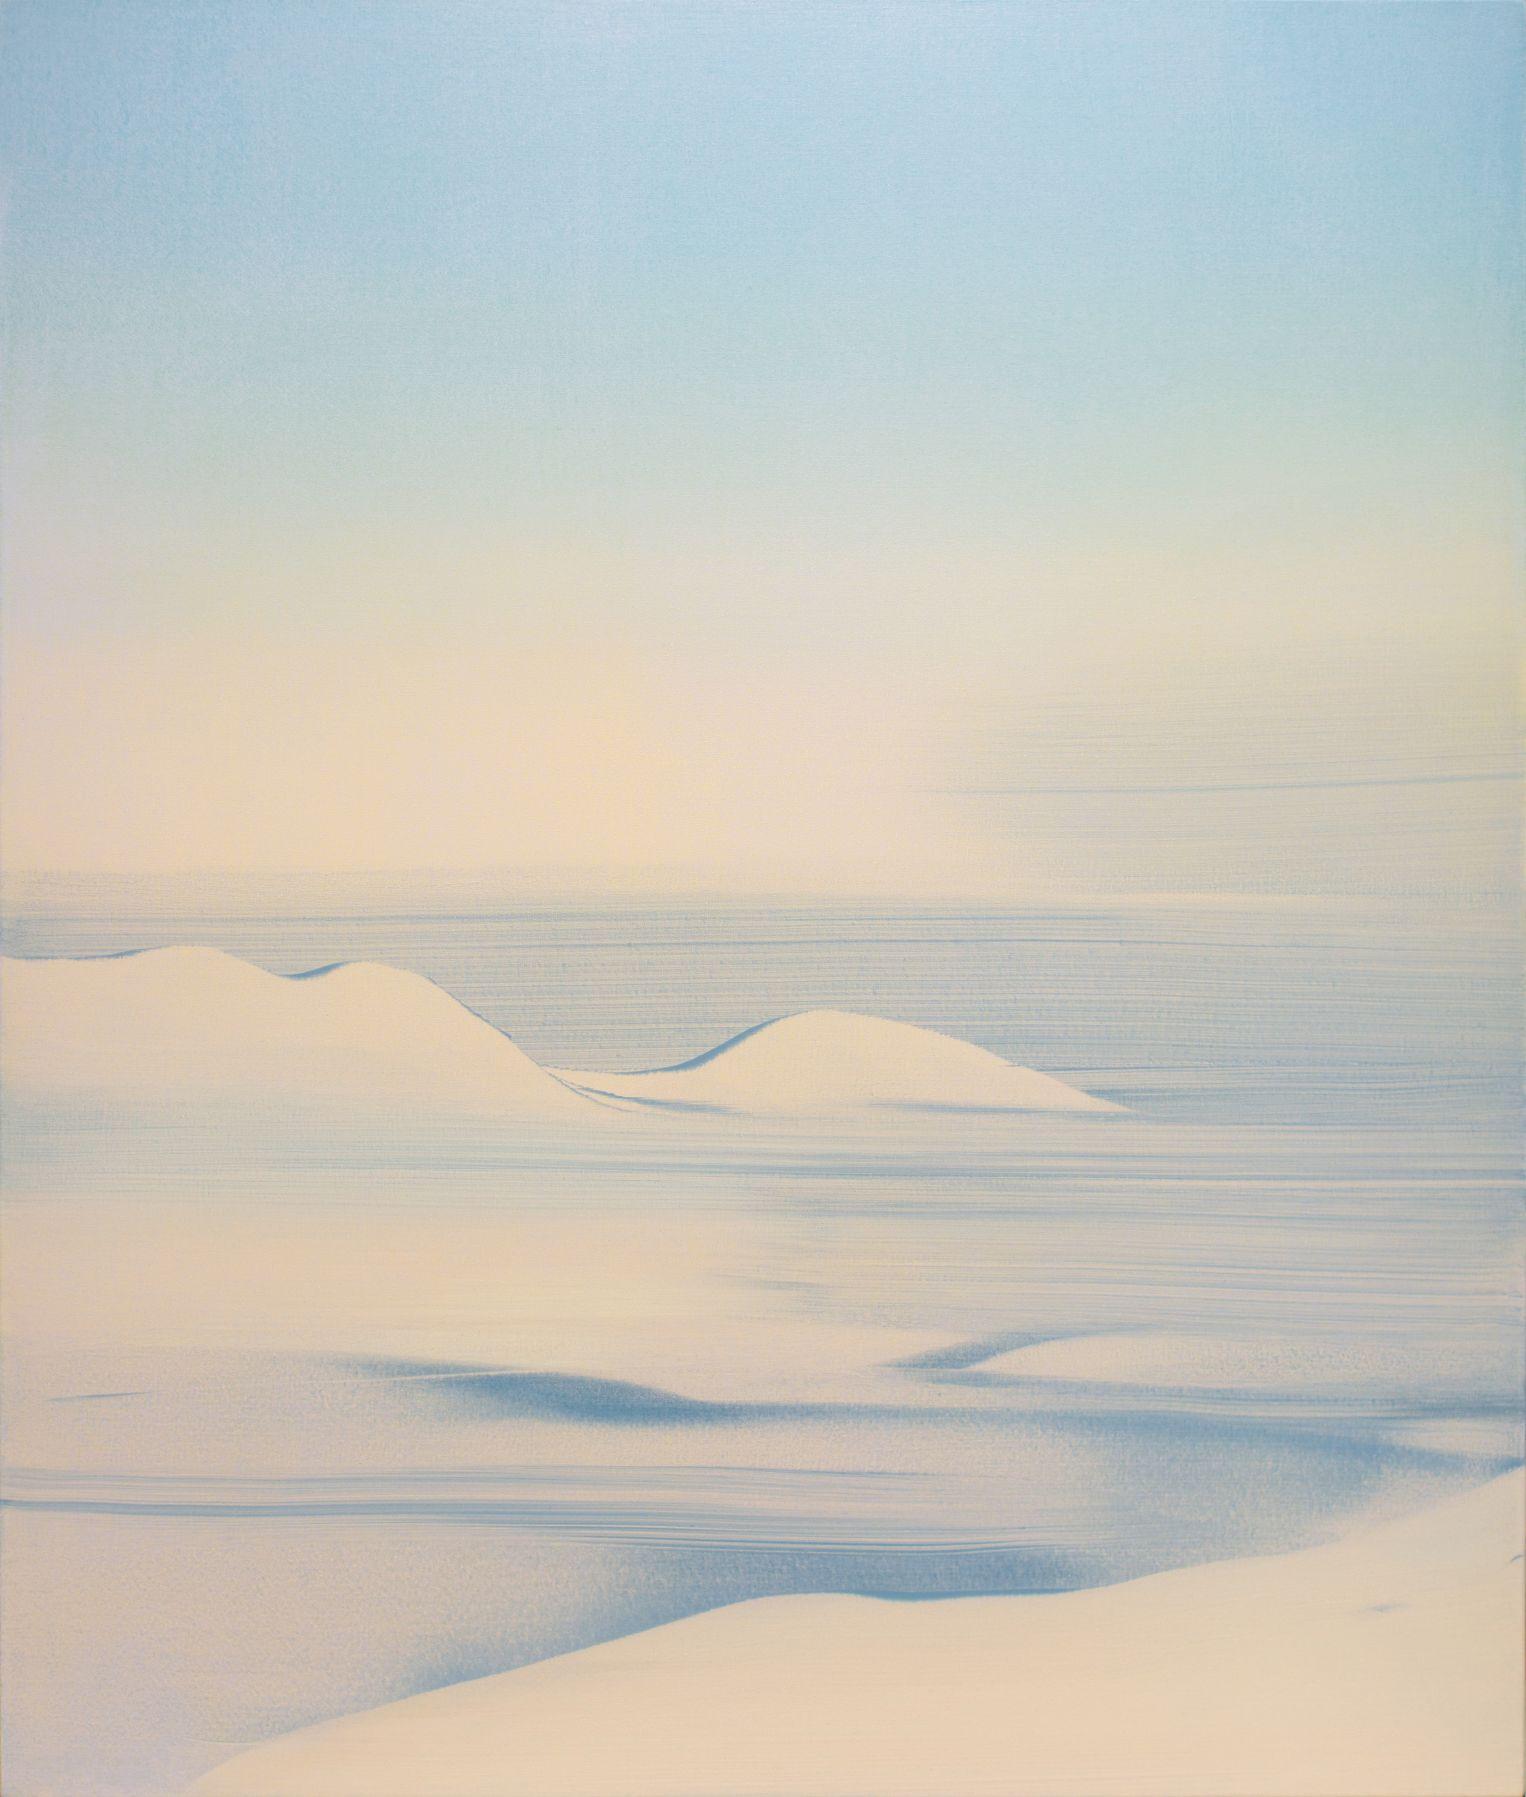 Enter the abstract - Lot 27, Eva Ullrich, Silence